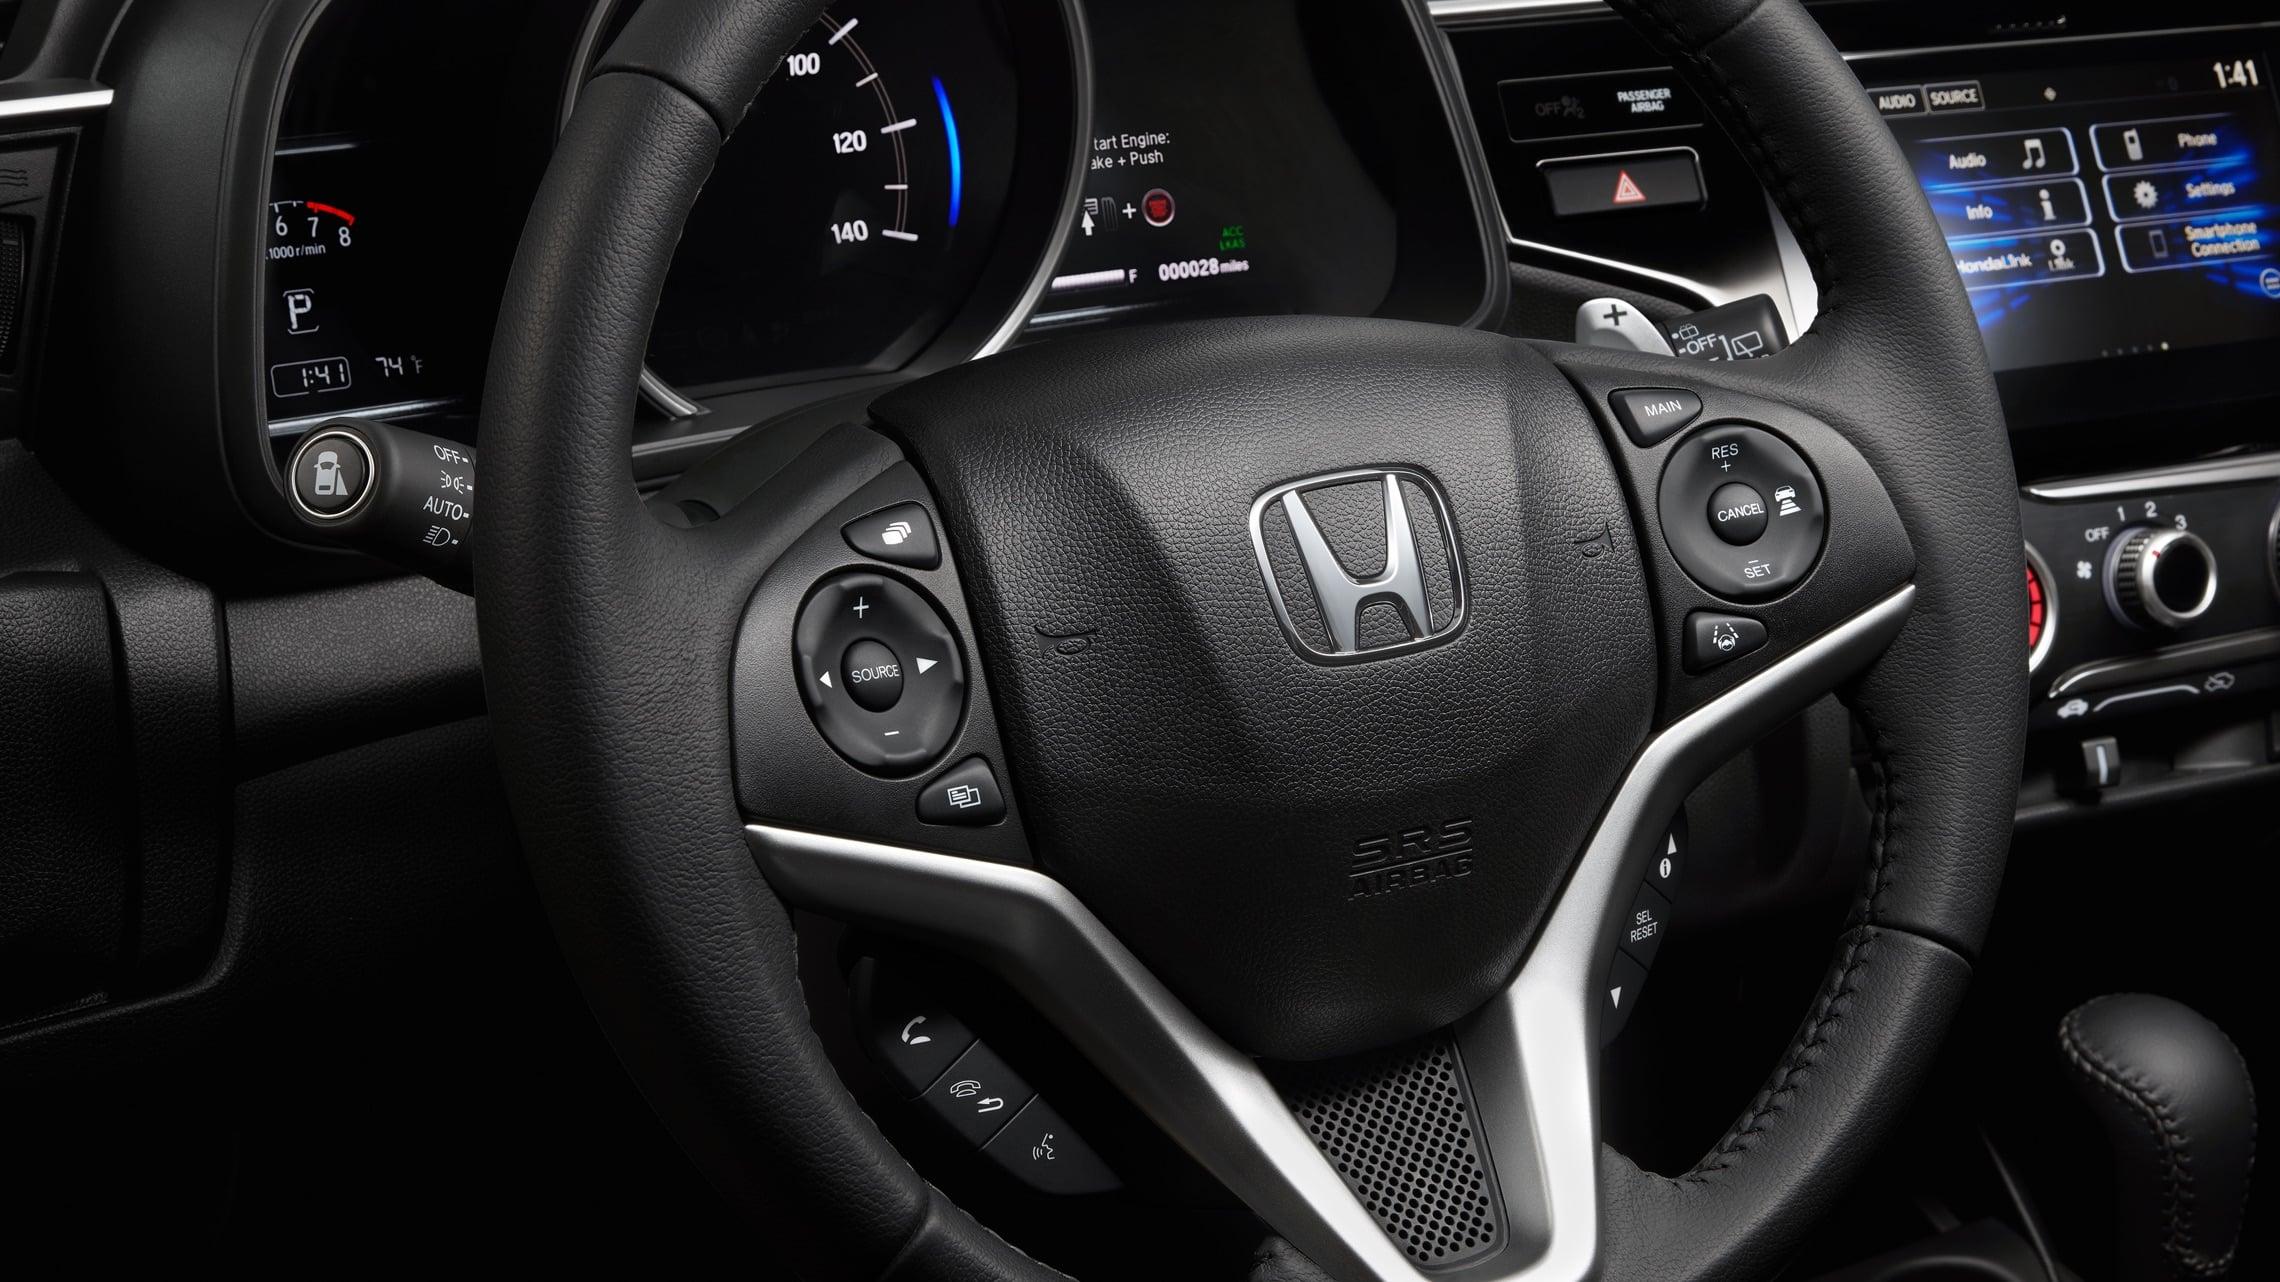 Detalle de los controles instalados en el volante del Honda Fit EX-L2020.